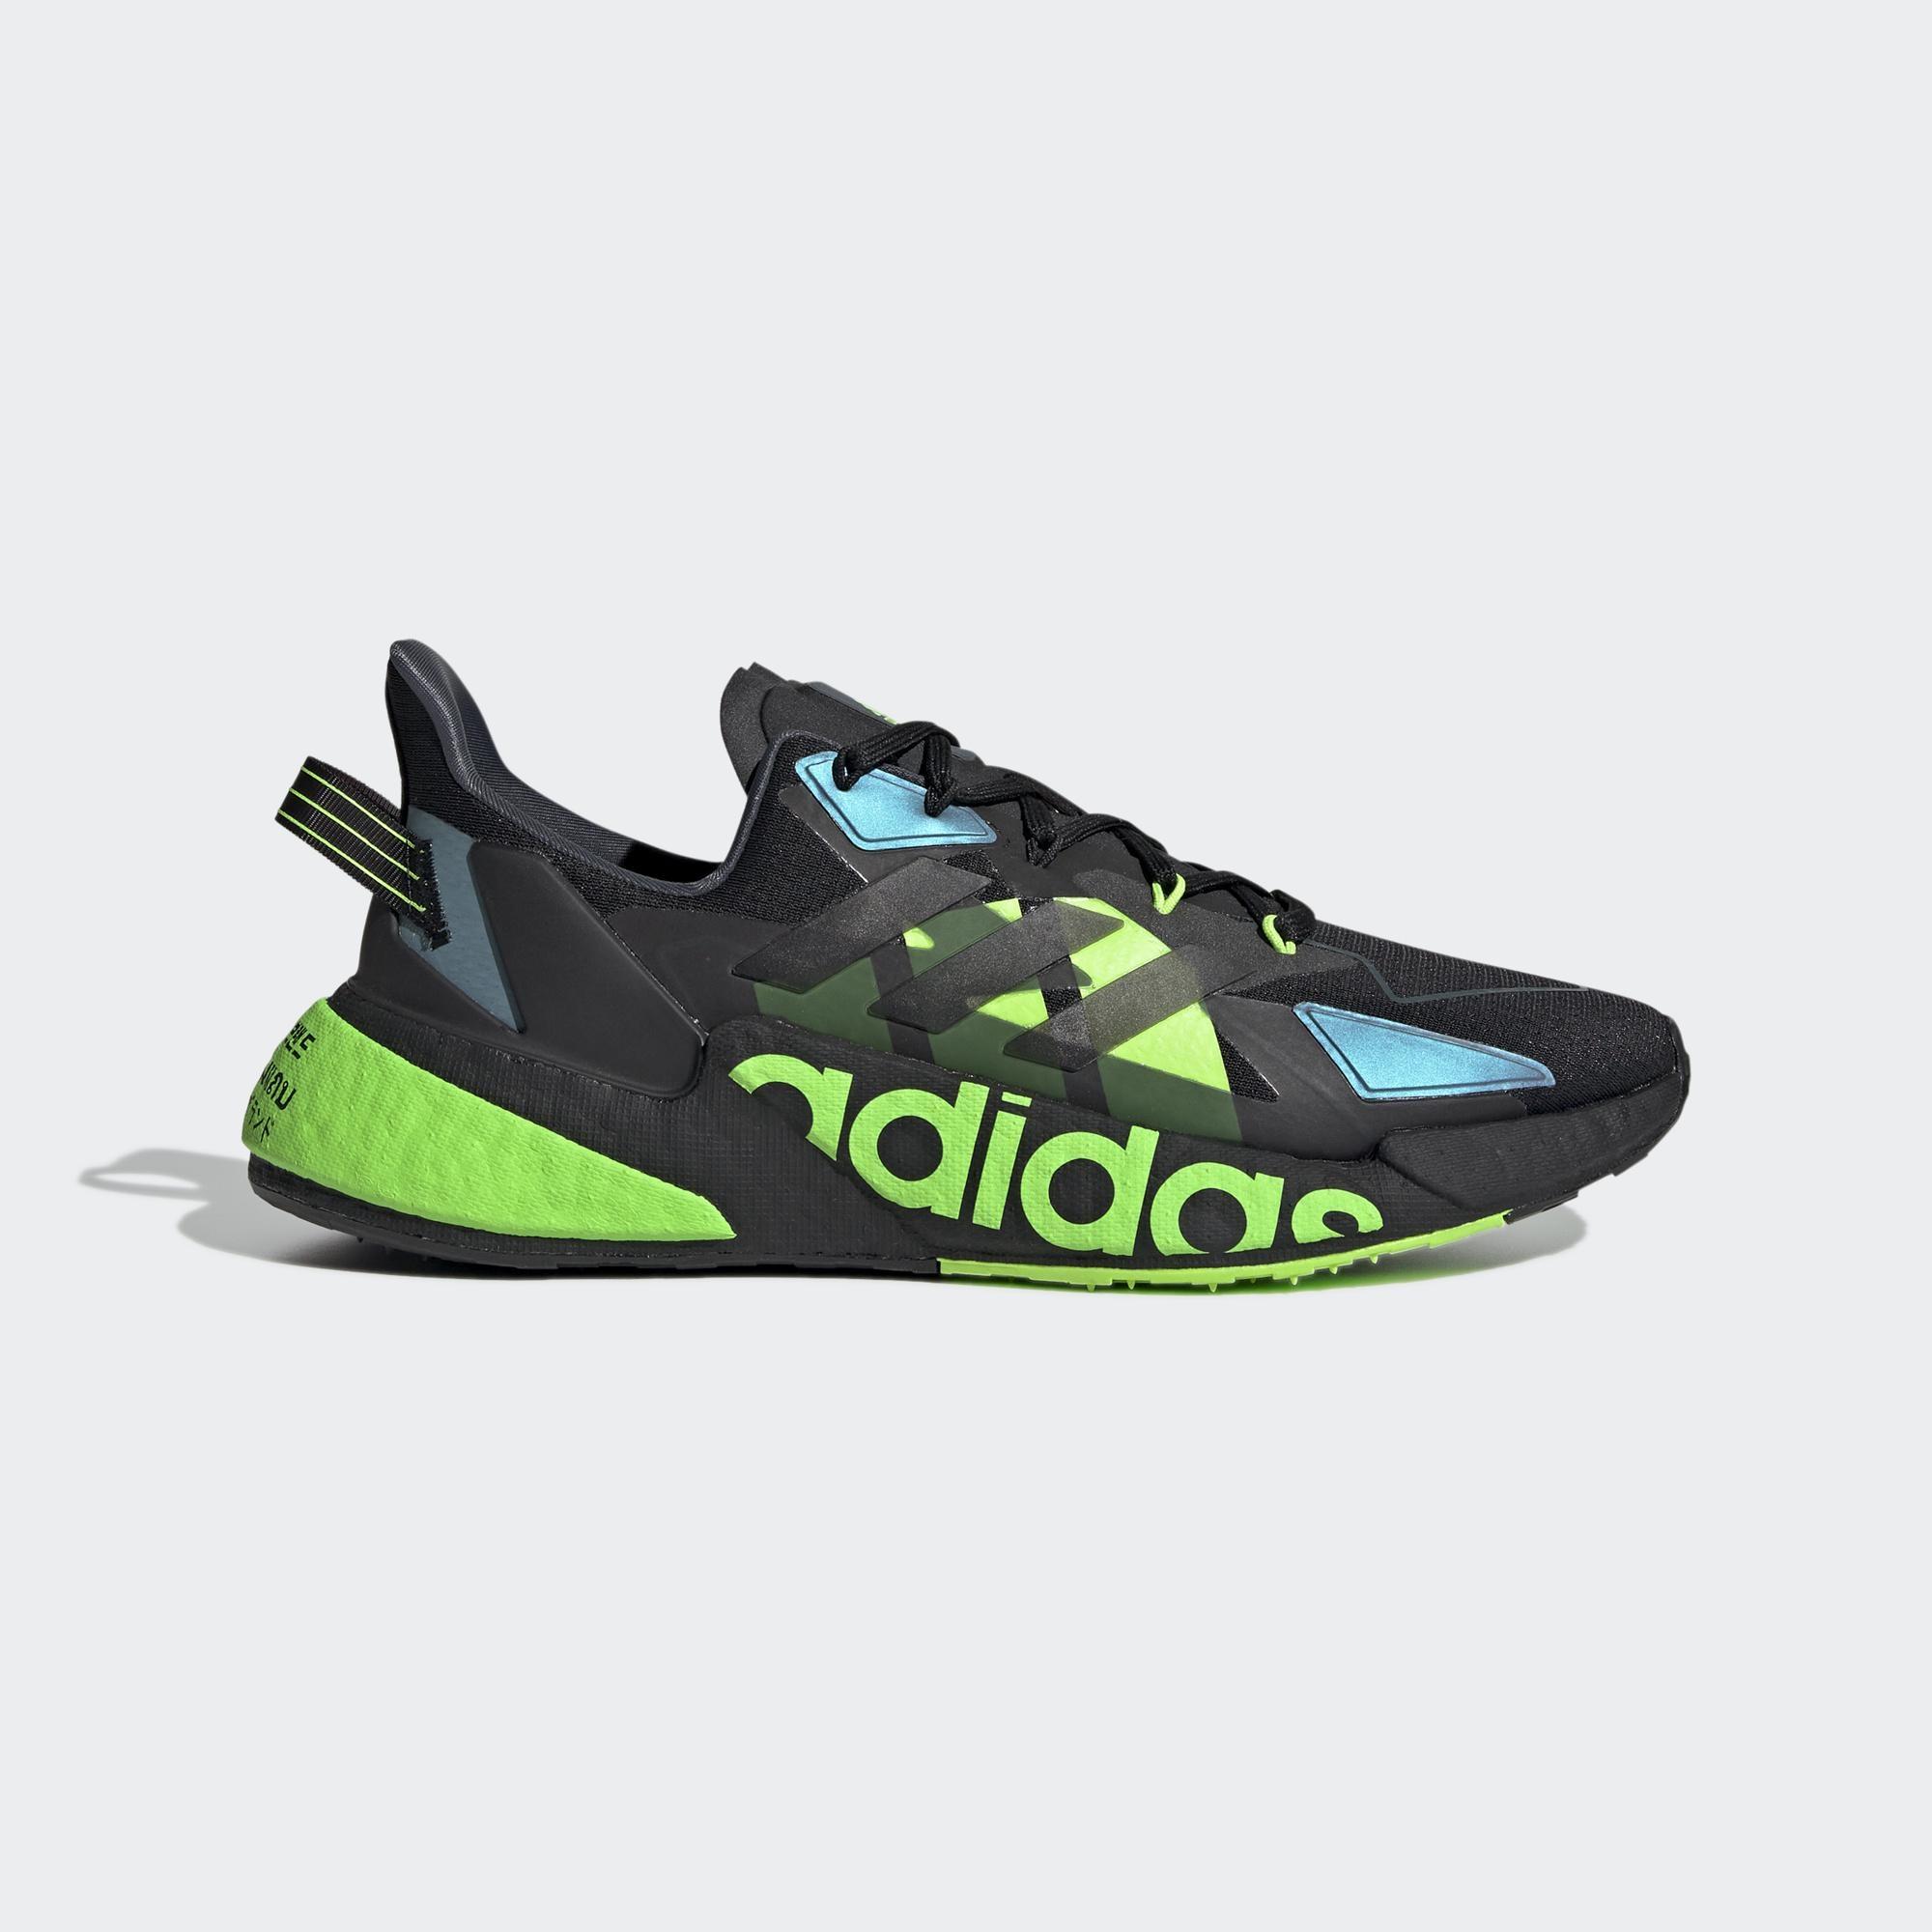 ADIDAS X9000L4 HEAT.RDY 男 慢跑鞋 黑綠